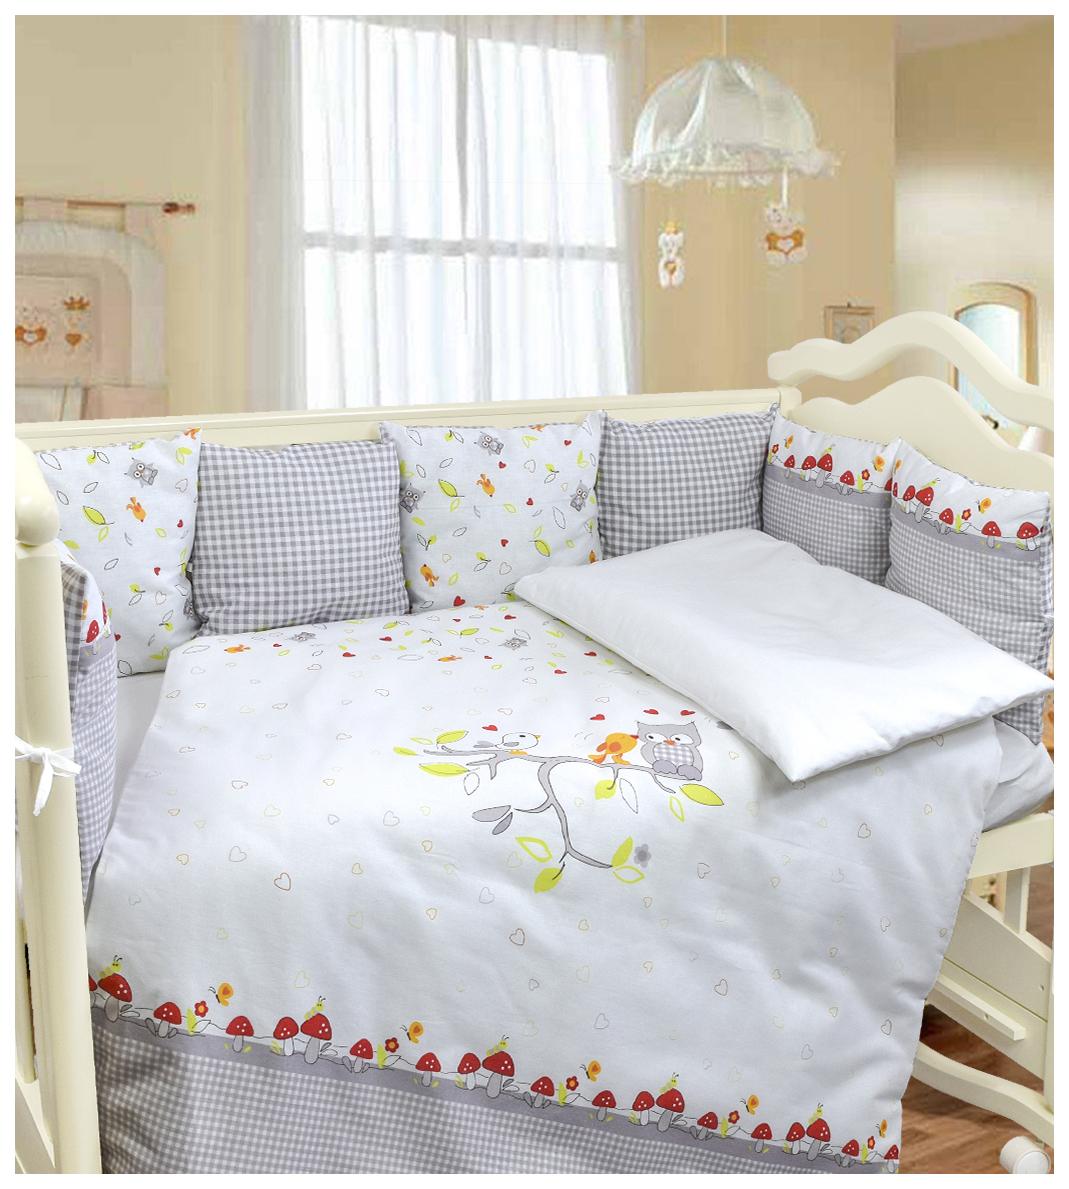 Комплект в кроватку Francis, 6 предметов, цвет: белый/сиреневый